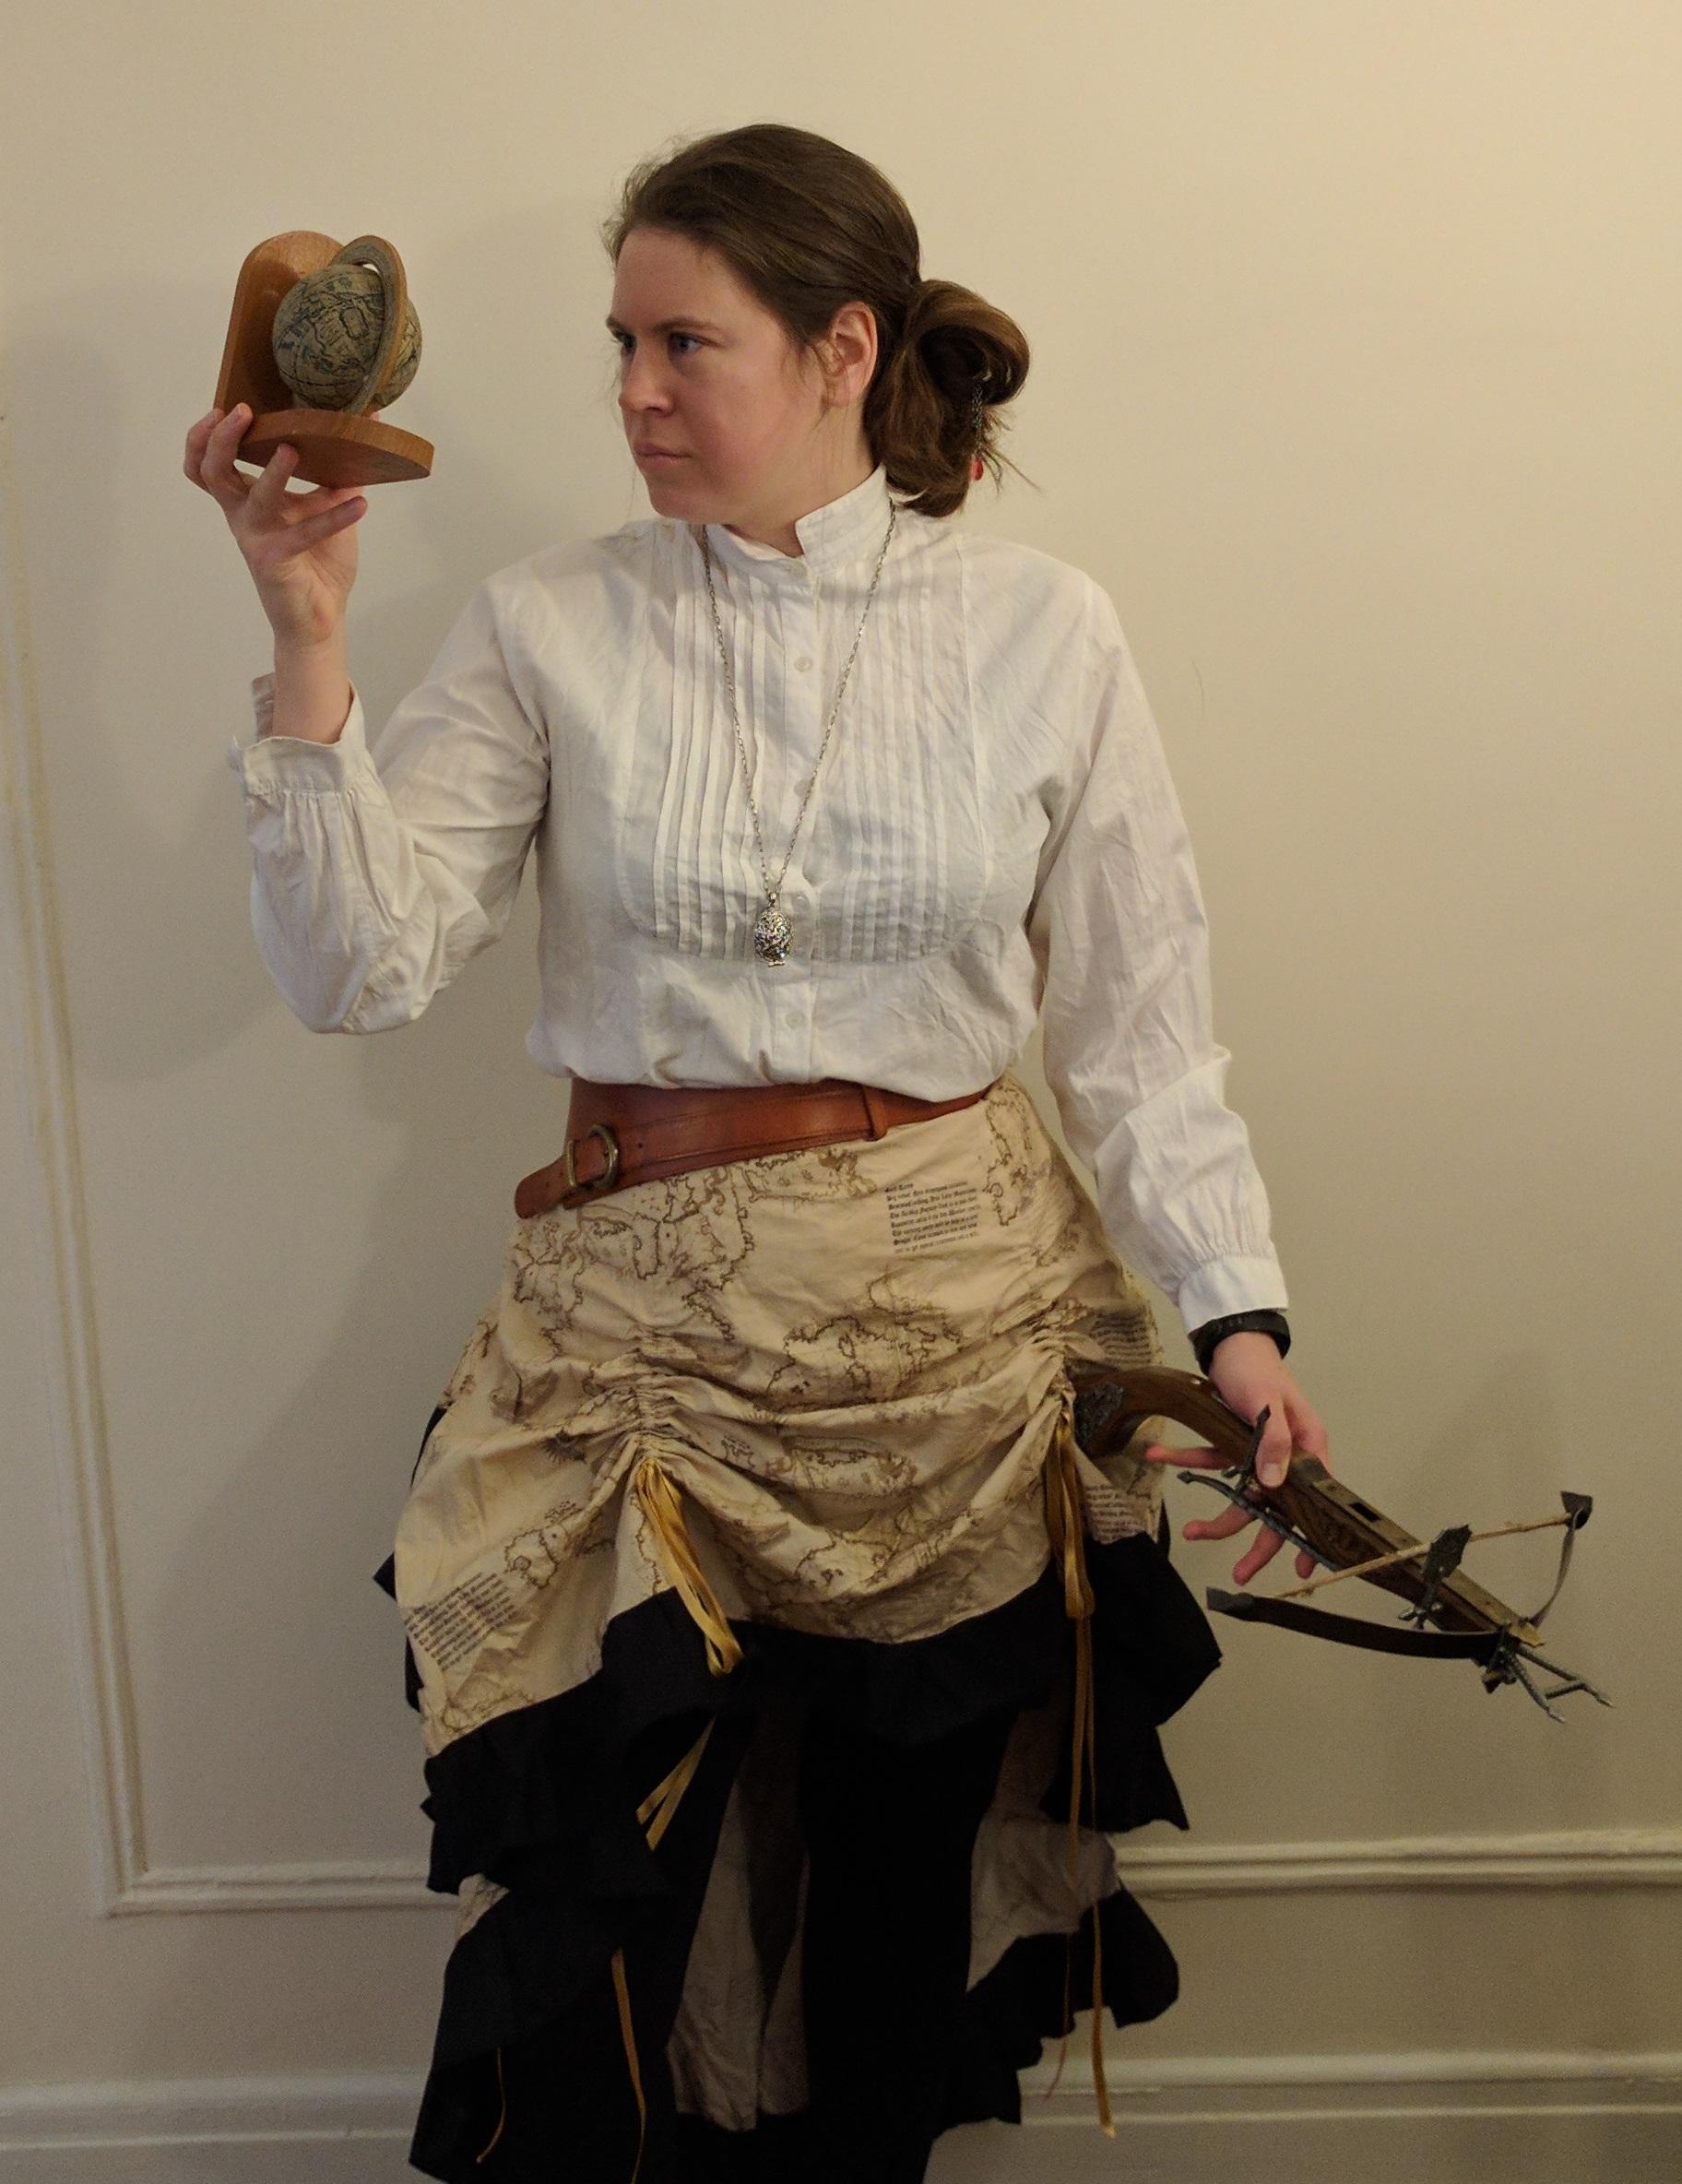 Bild av karaktären Kajsa - en kvinna med 1800-talskjol och armborst.